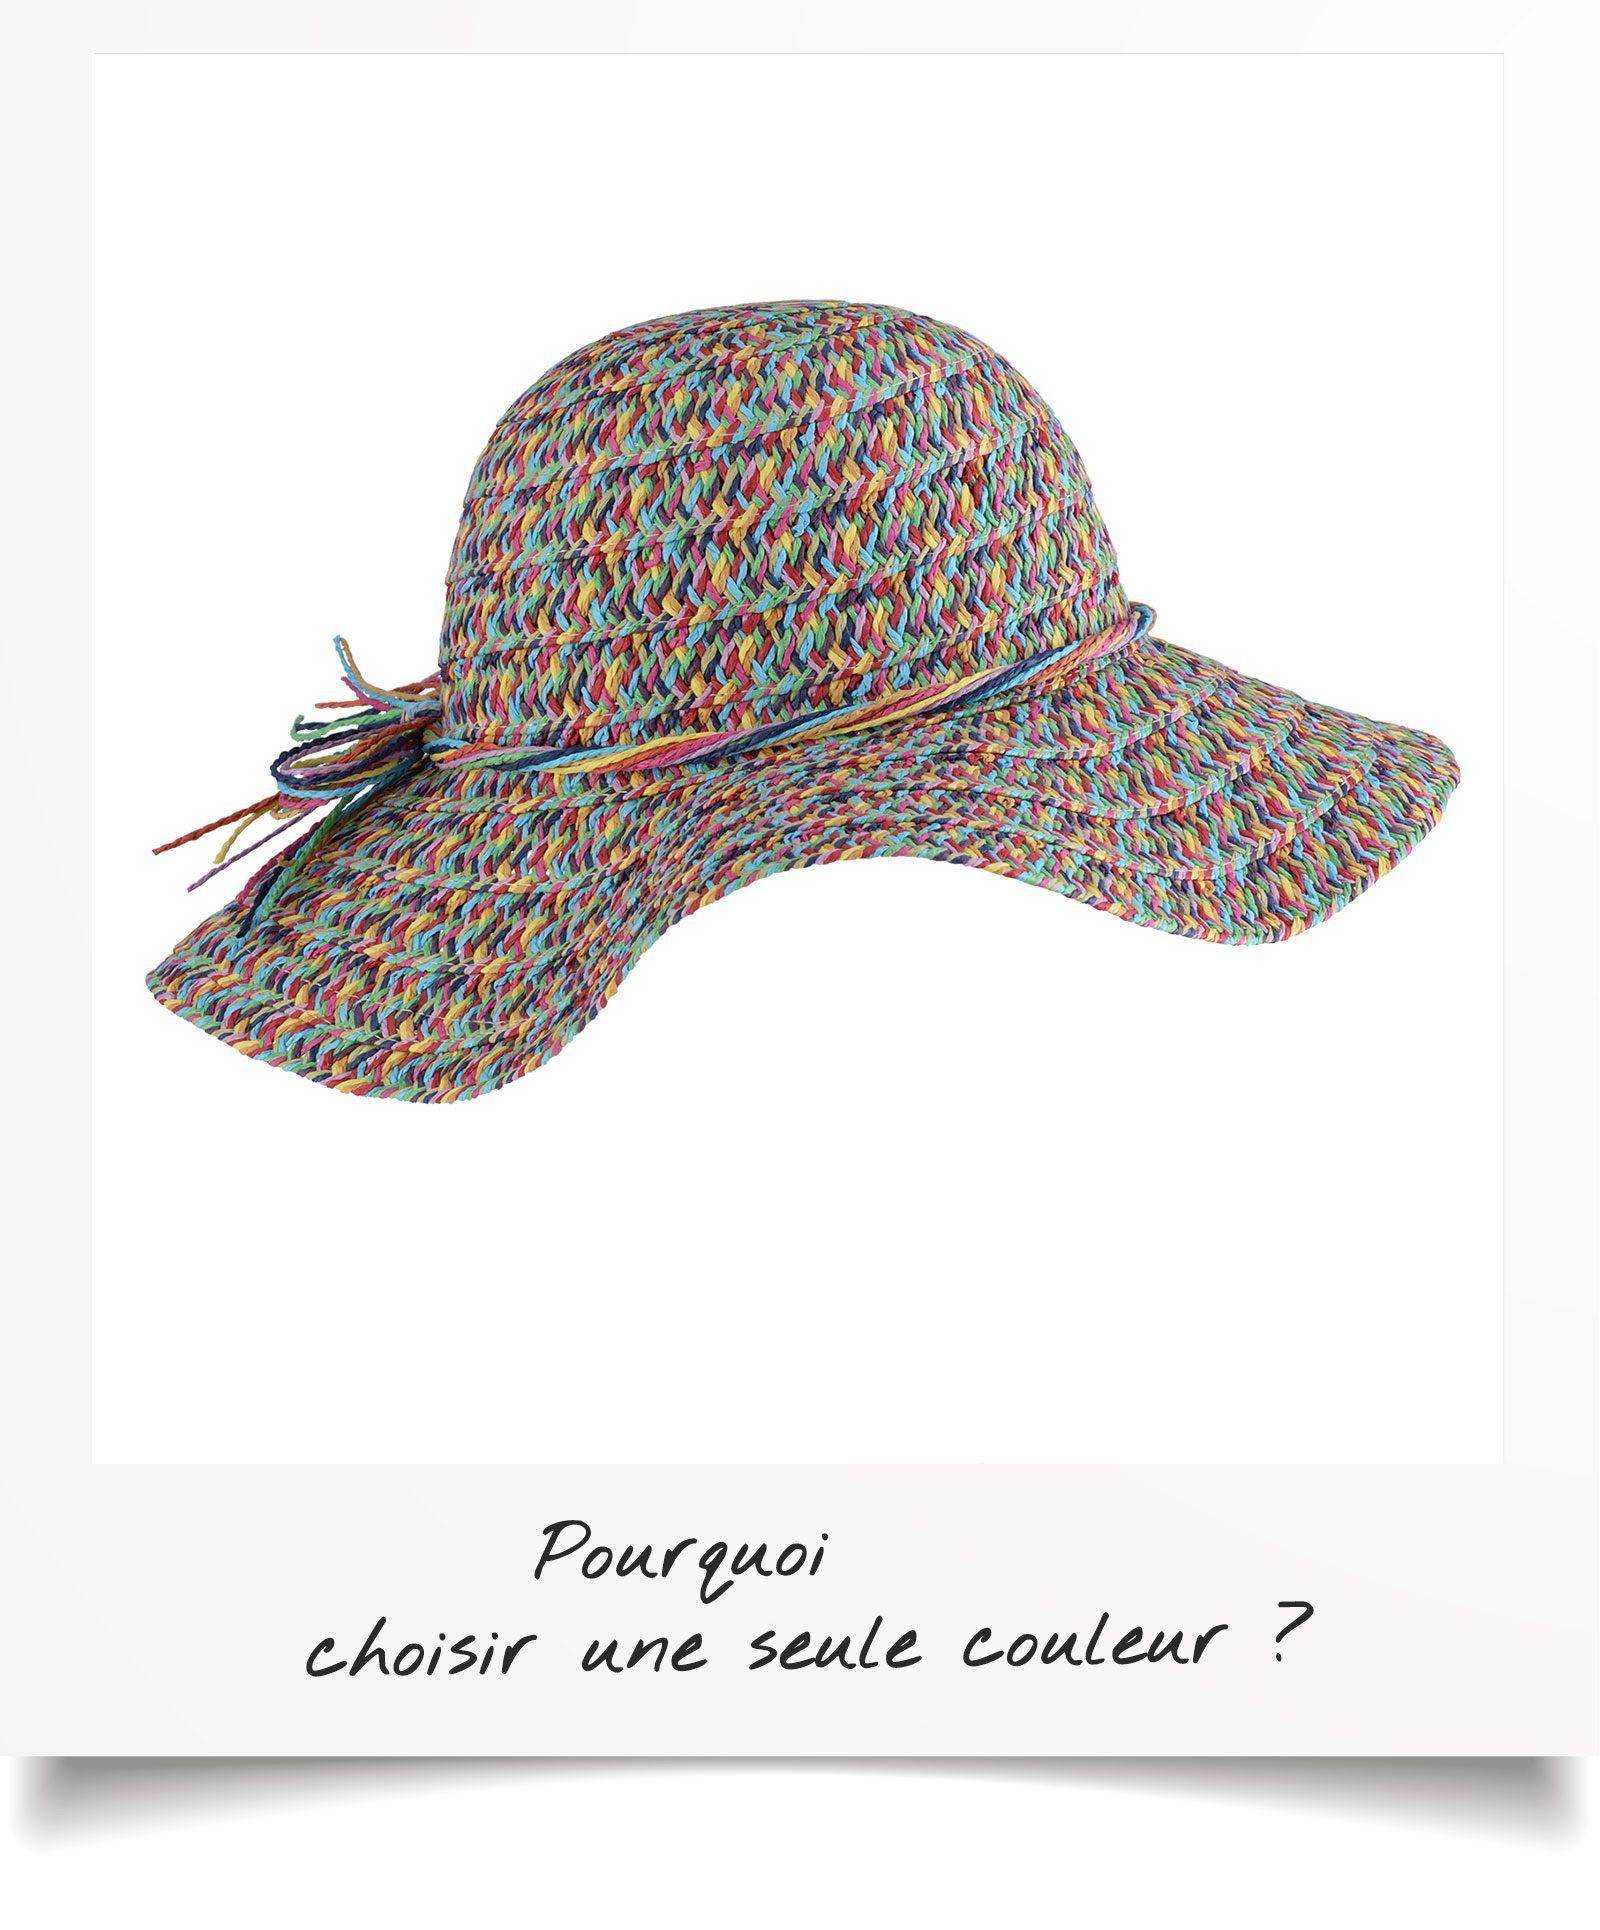 http://lookbook.allee-du-foulard.fr/wp-content/uploads/2018/06/0680-ADF-Accessoires-de-mode-LB-Soldes-Ete-capeline-multi-1600x1930.jpg